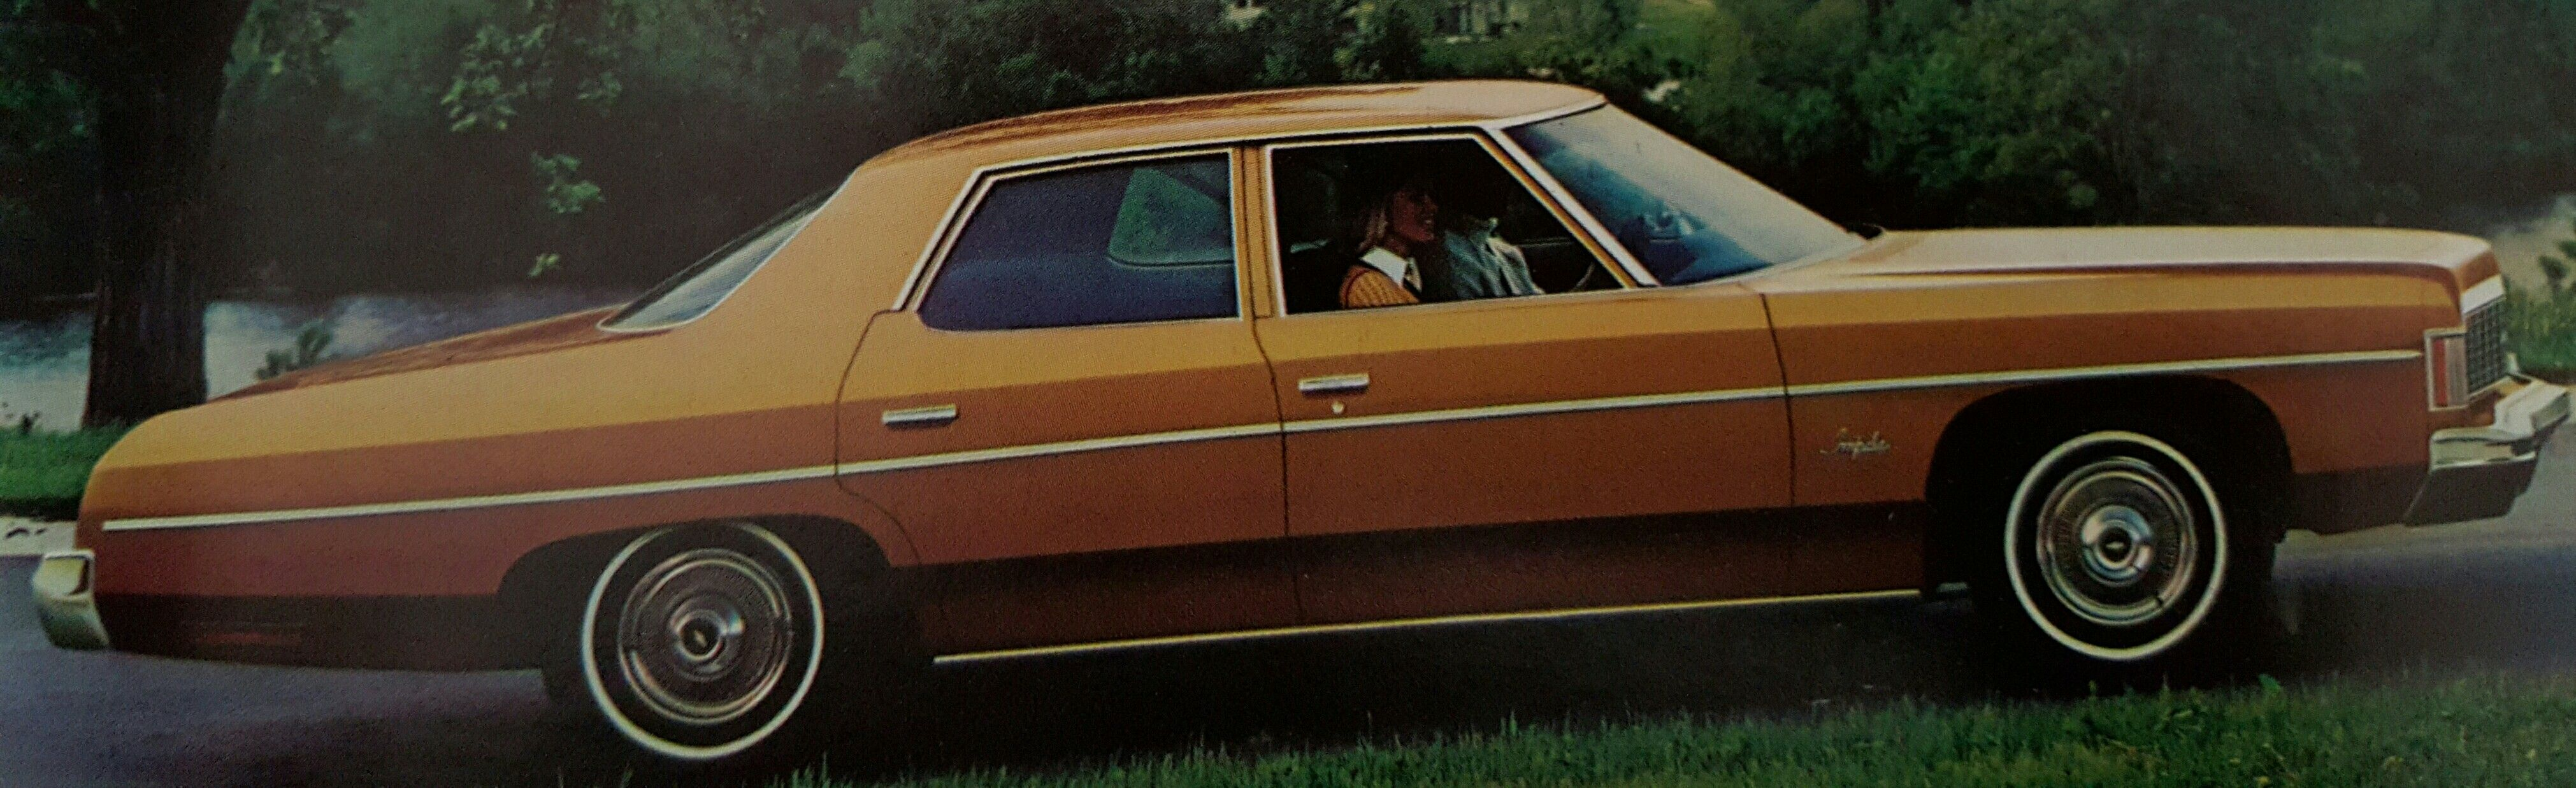 1974 chevrolet impala chevrolet trucks chevrolet impala chevy chevy impala [ 4043 x 1237 Pixel ]